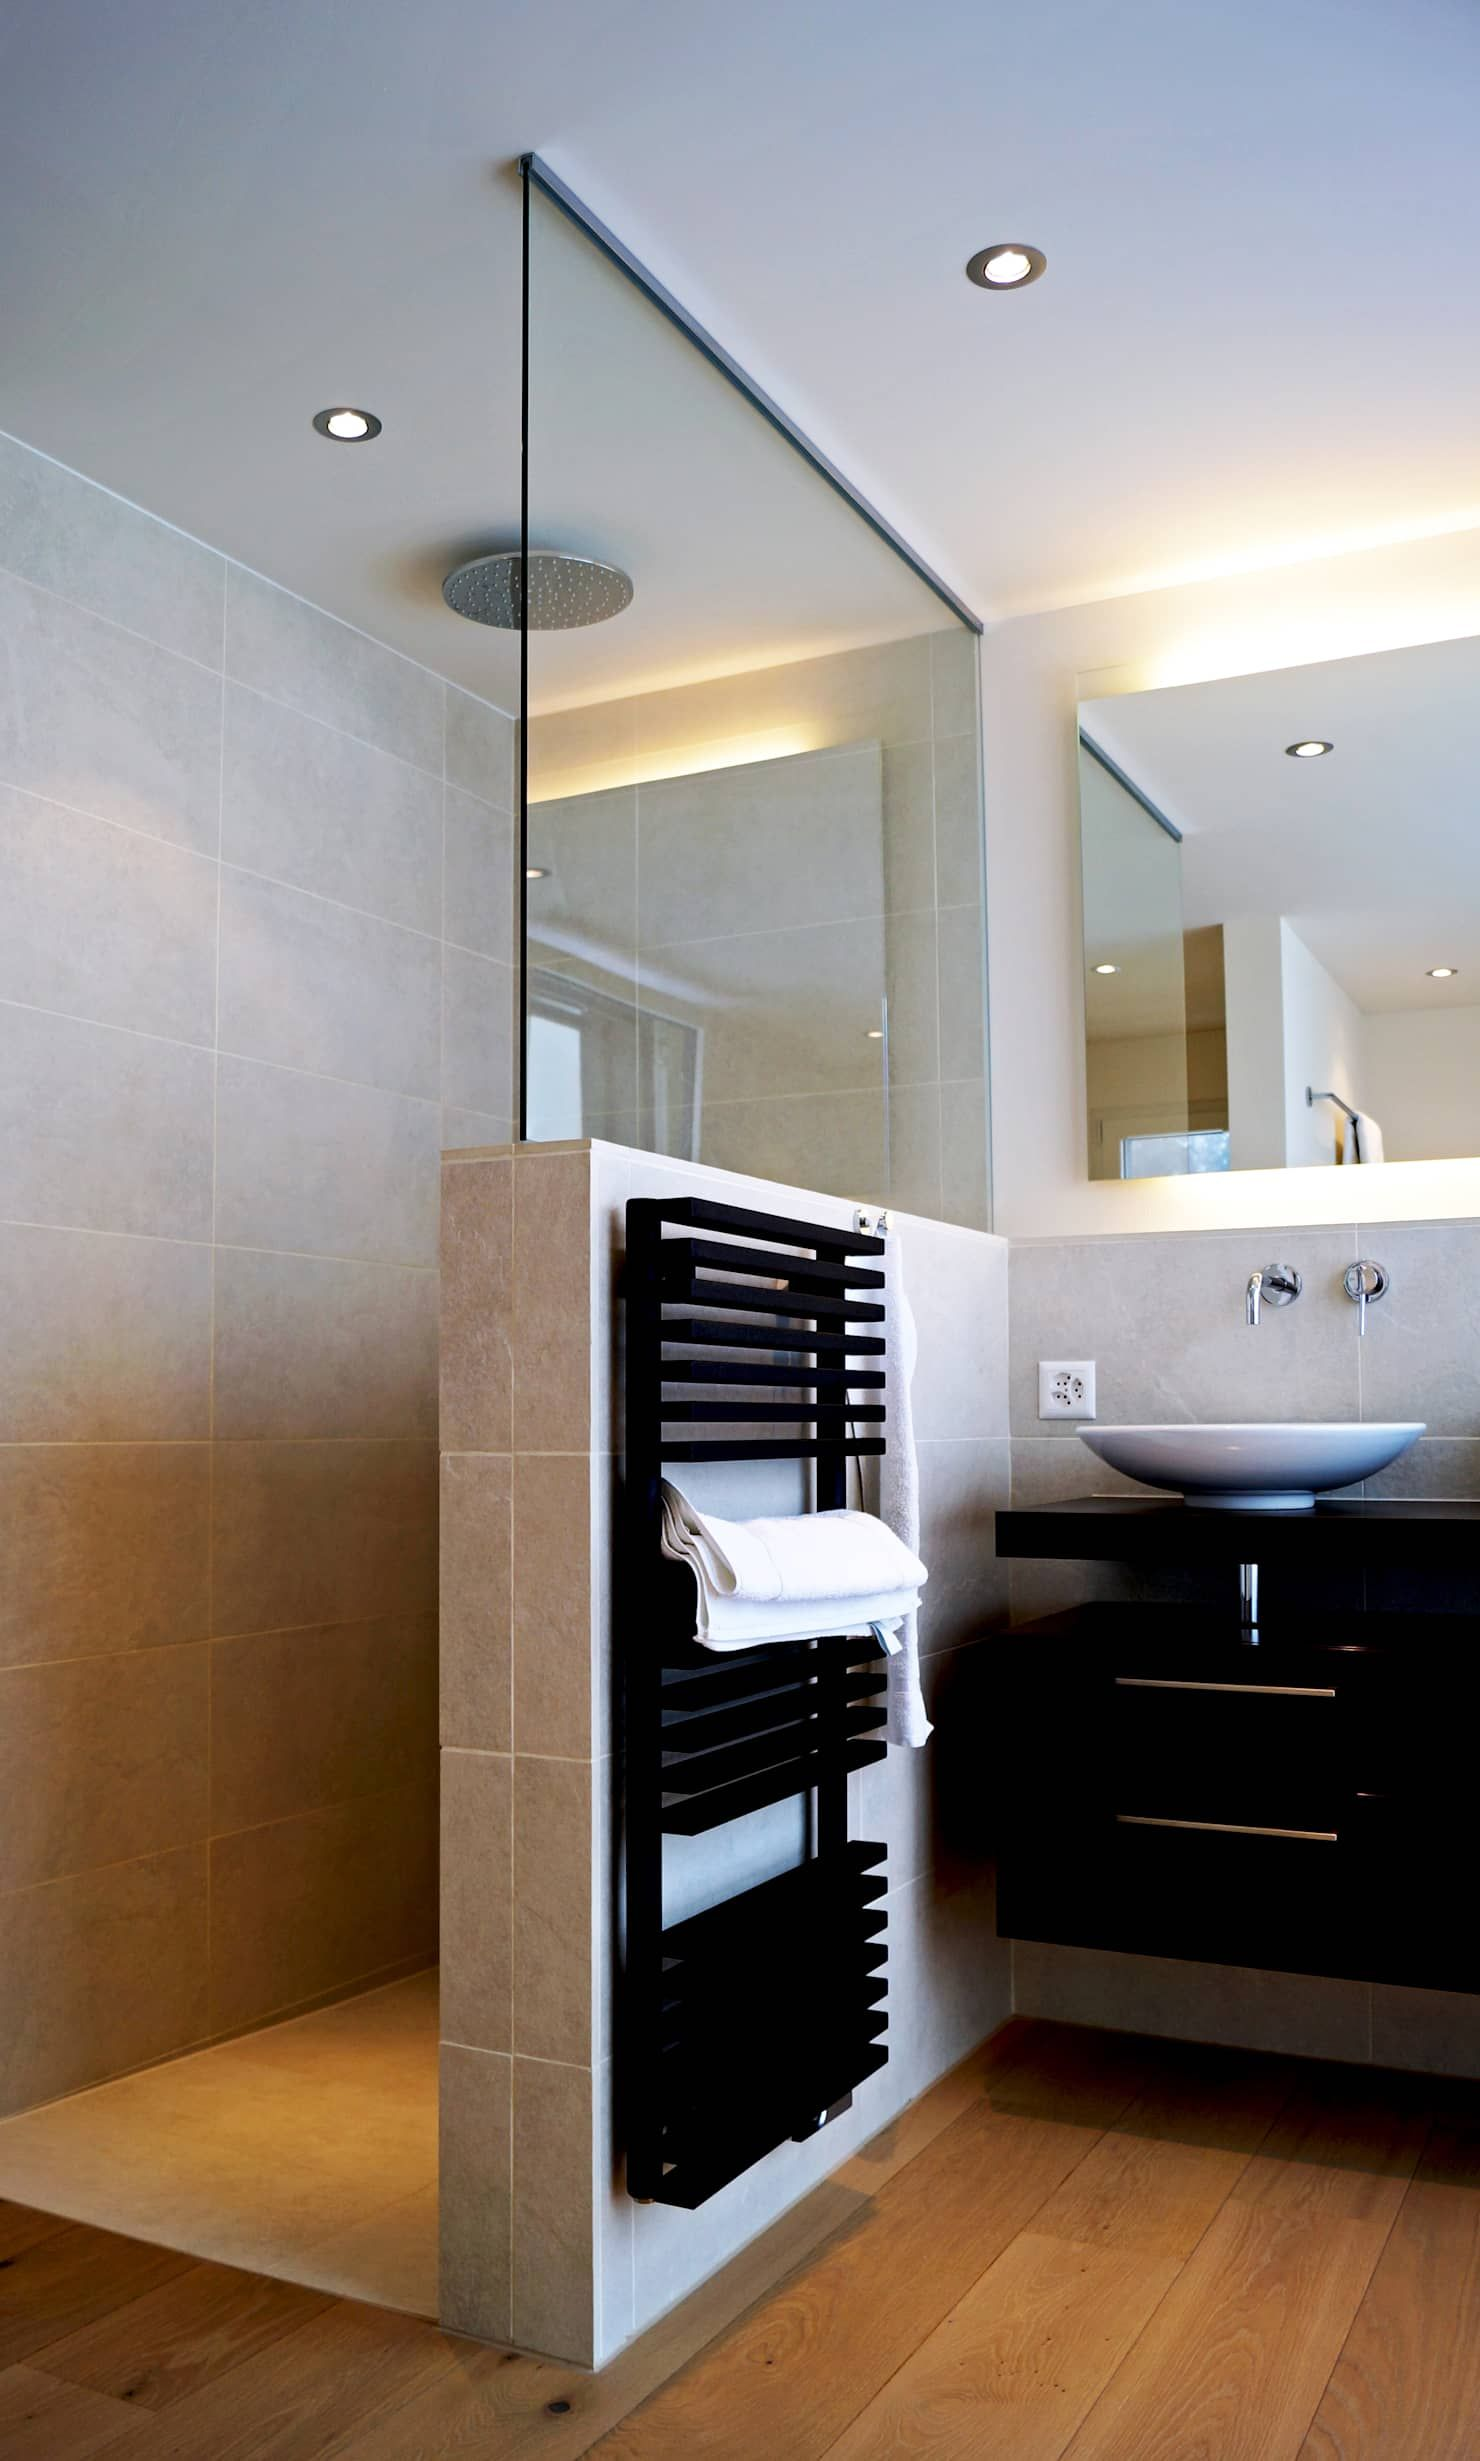 Efh oberwil-lieli moderne badezimmer von füglistaller architekten ag modern | homify #badezimmerideen